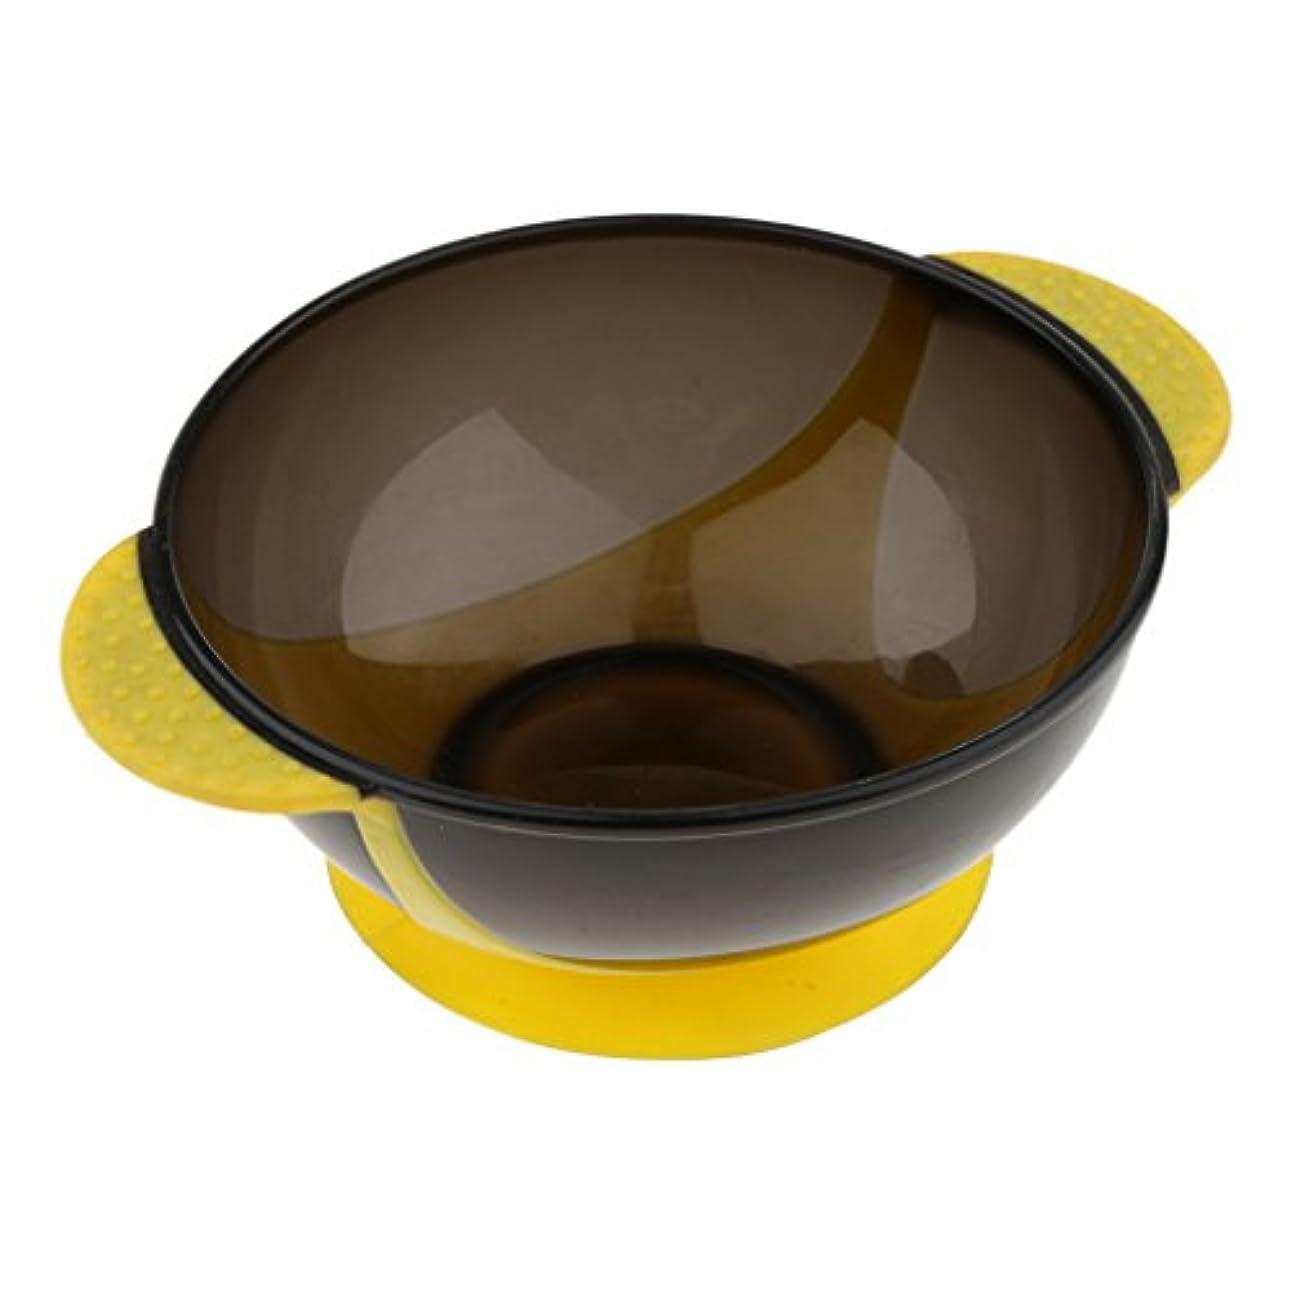 発掘作業さわやかヘアダイボウル プラスチック製 サロン 髪染め ミントボウル 着色ツール 吸引ベース 3色選べる - 黄